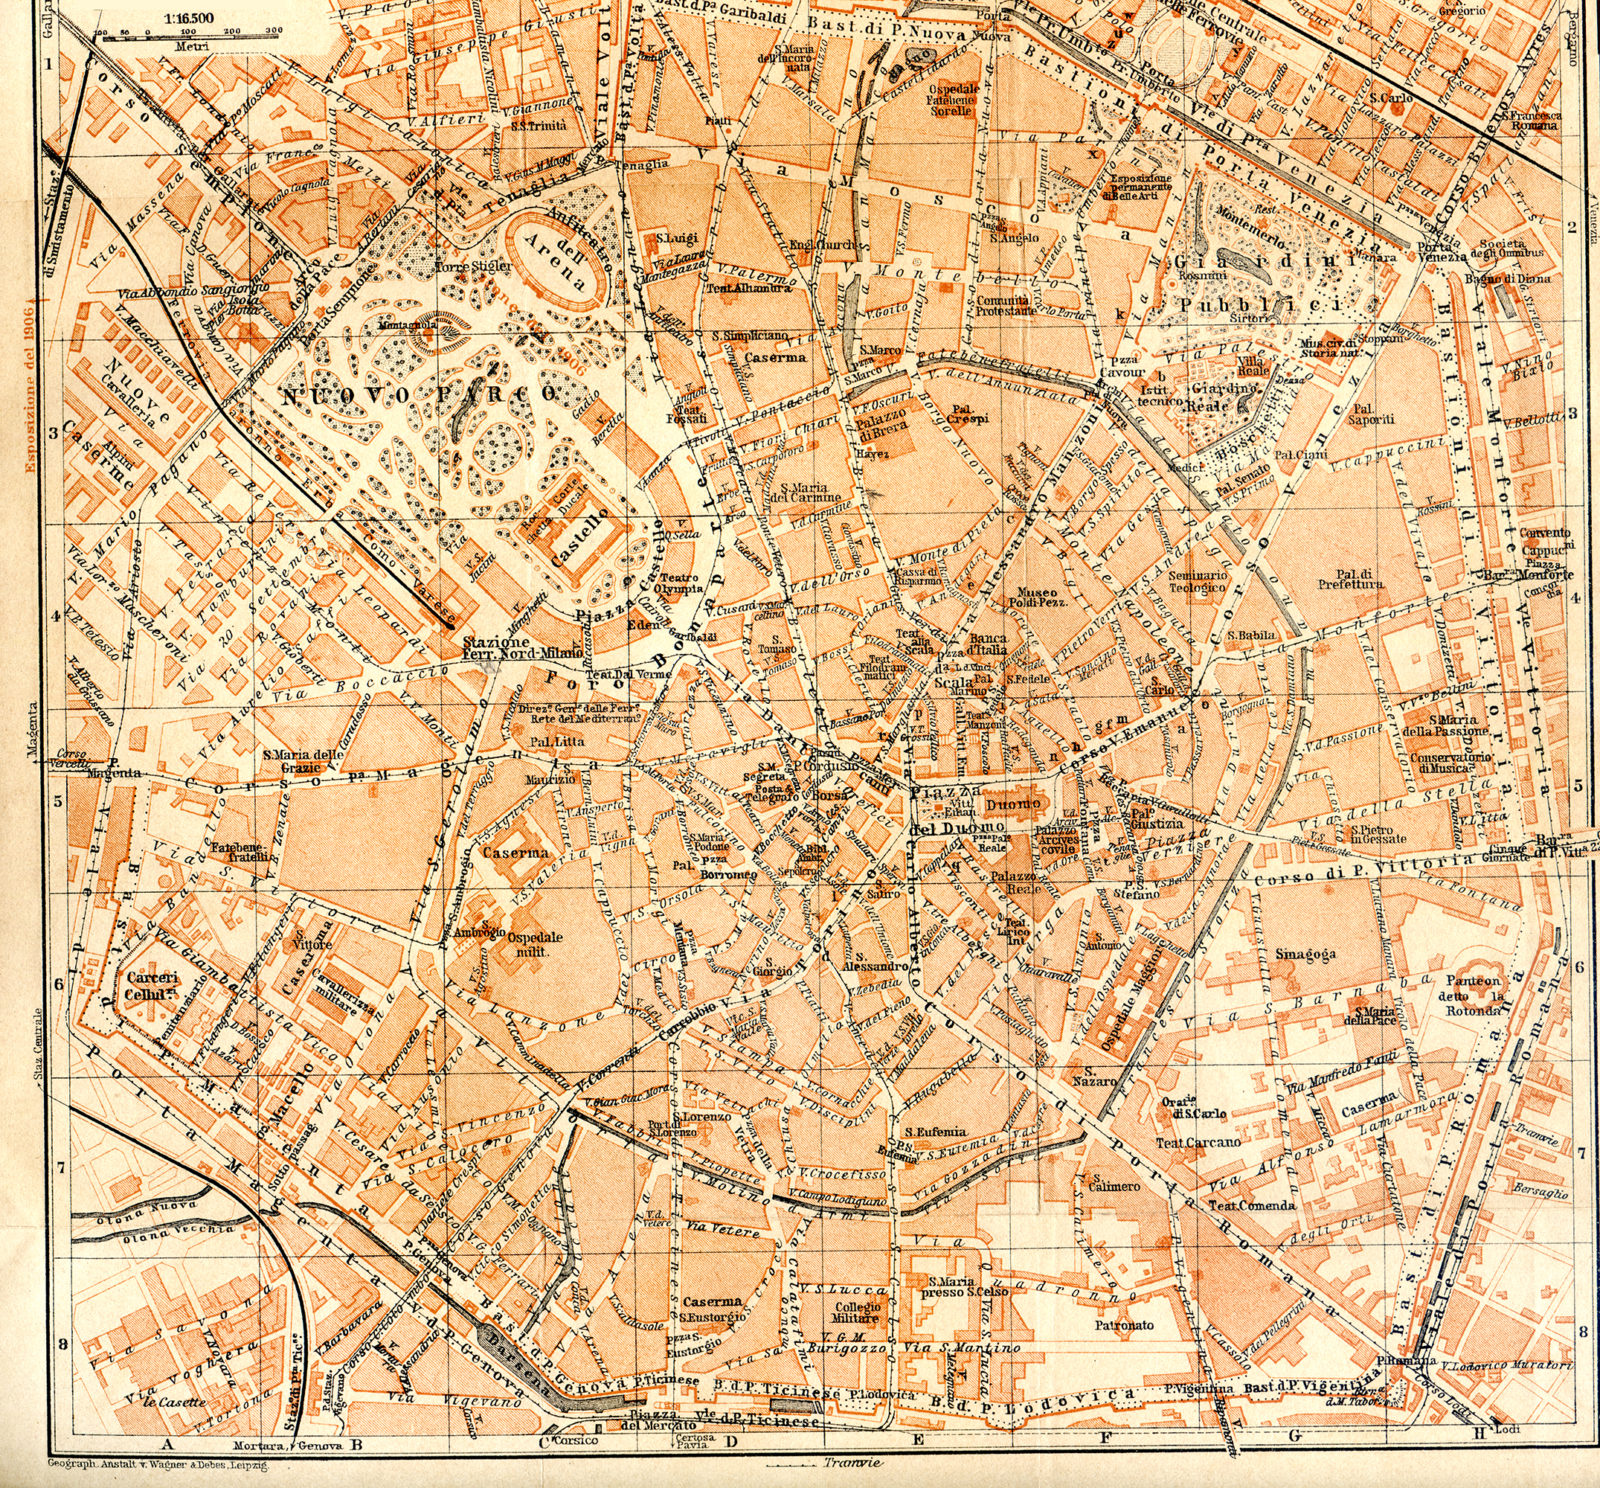 Milan - Milano - Free map